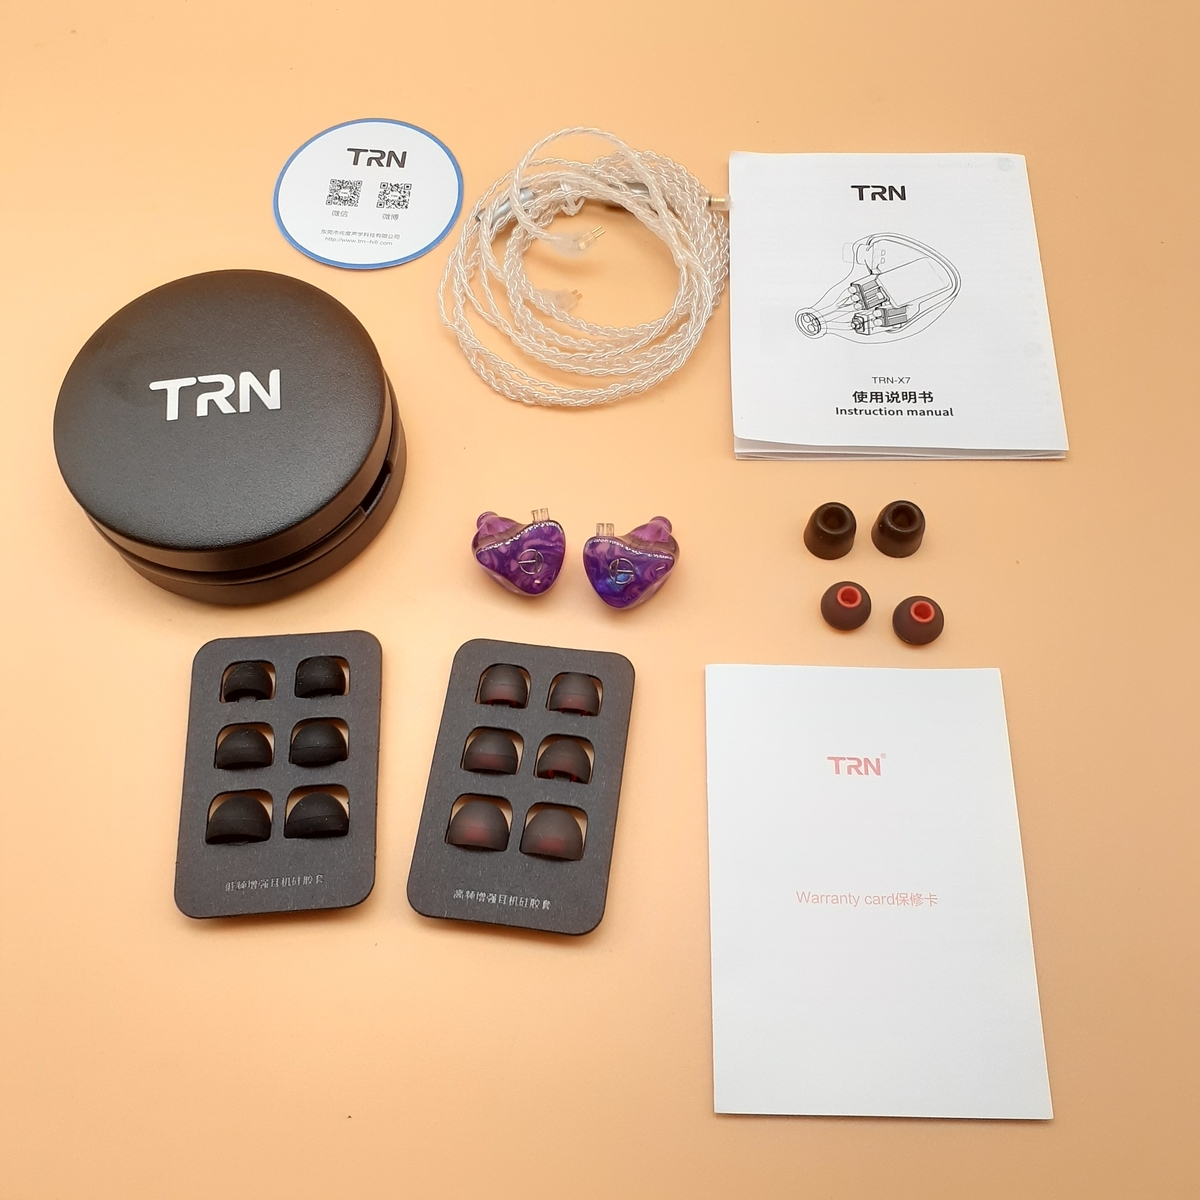 TRN X7